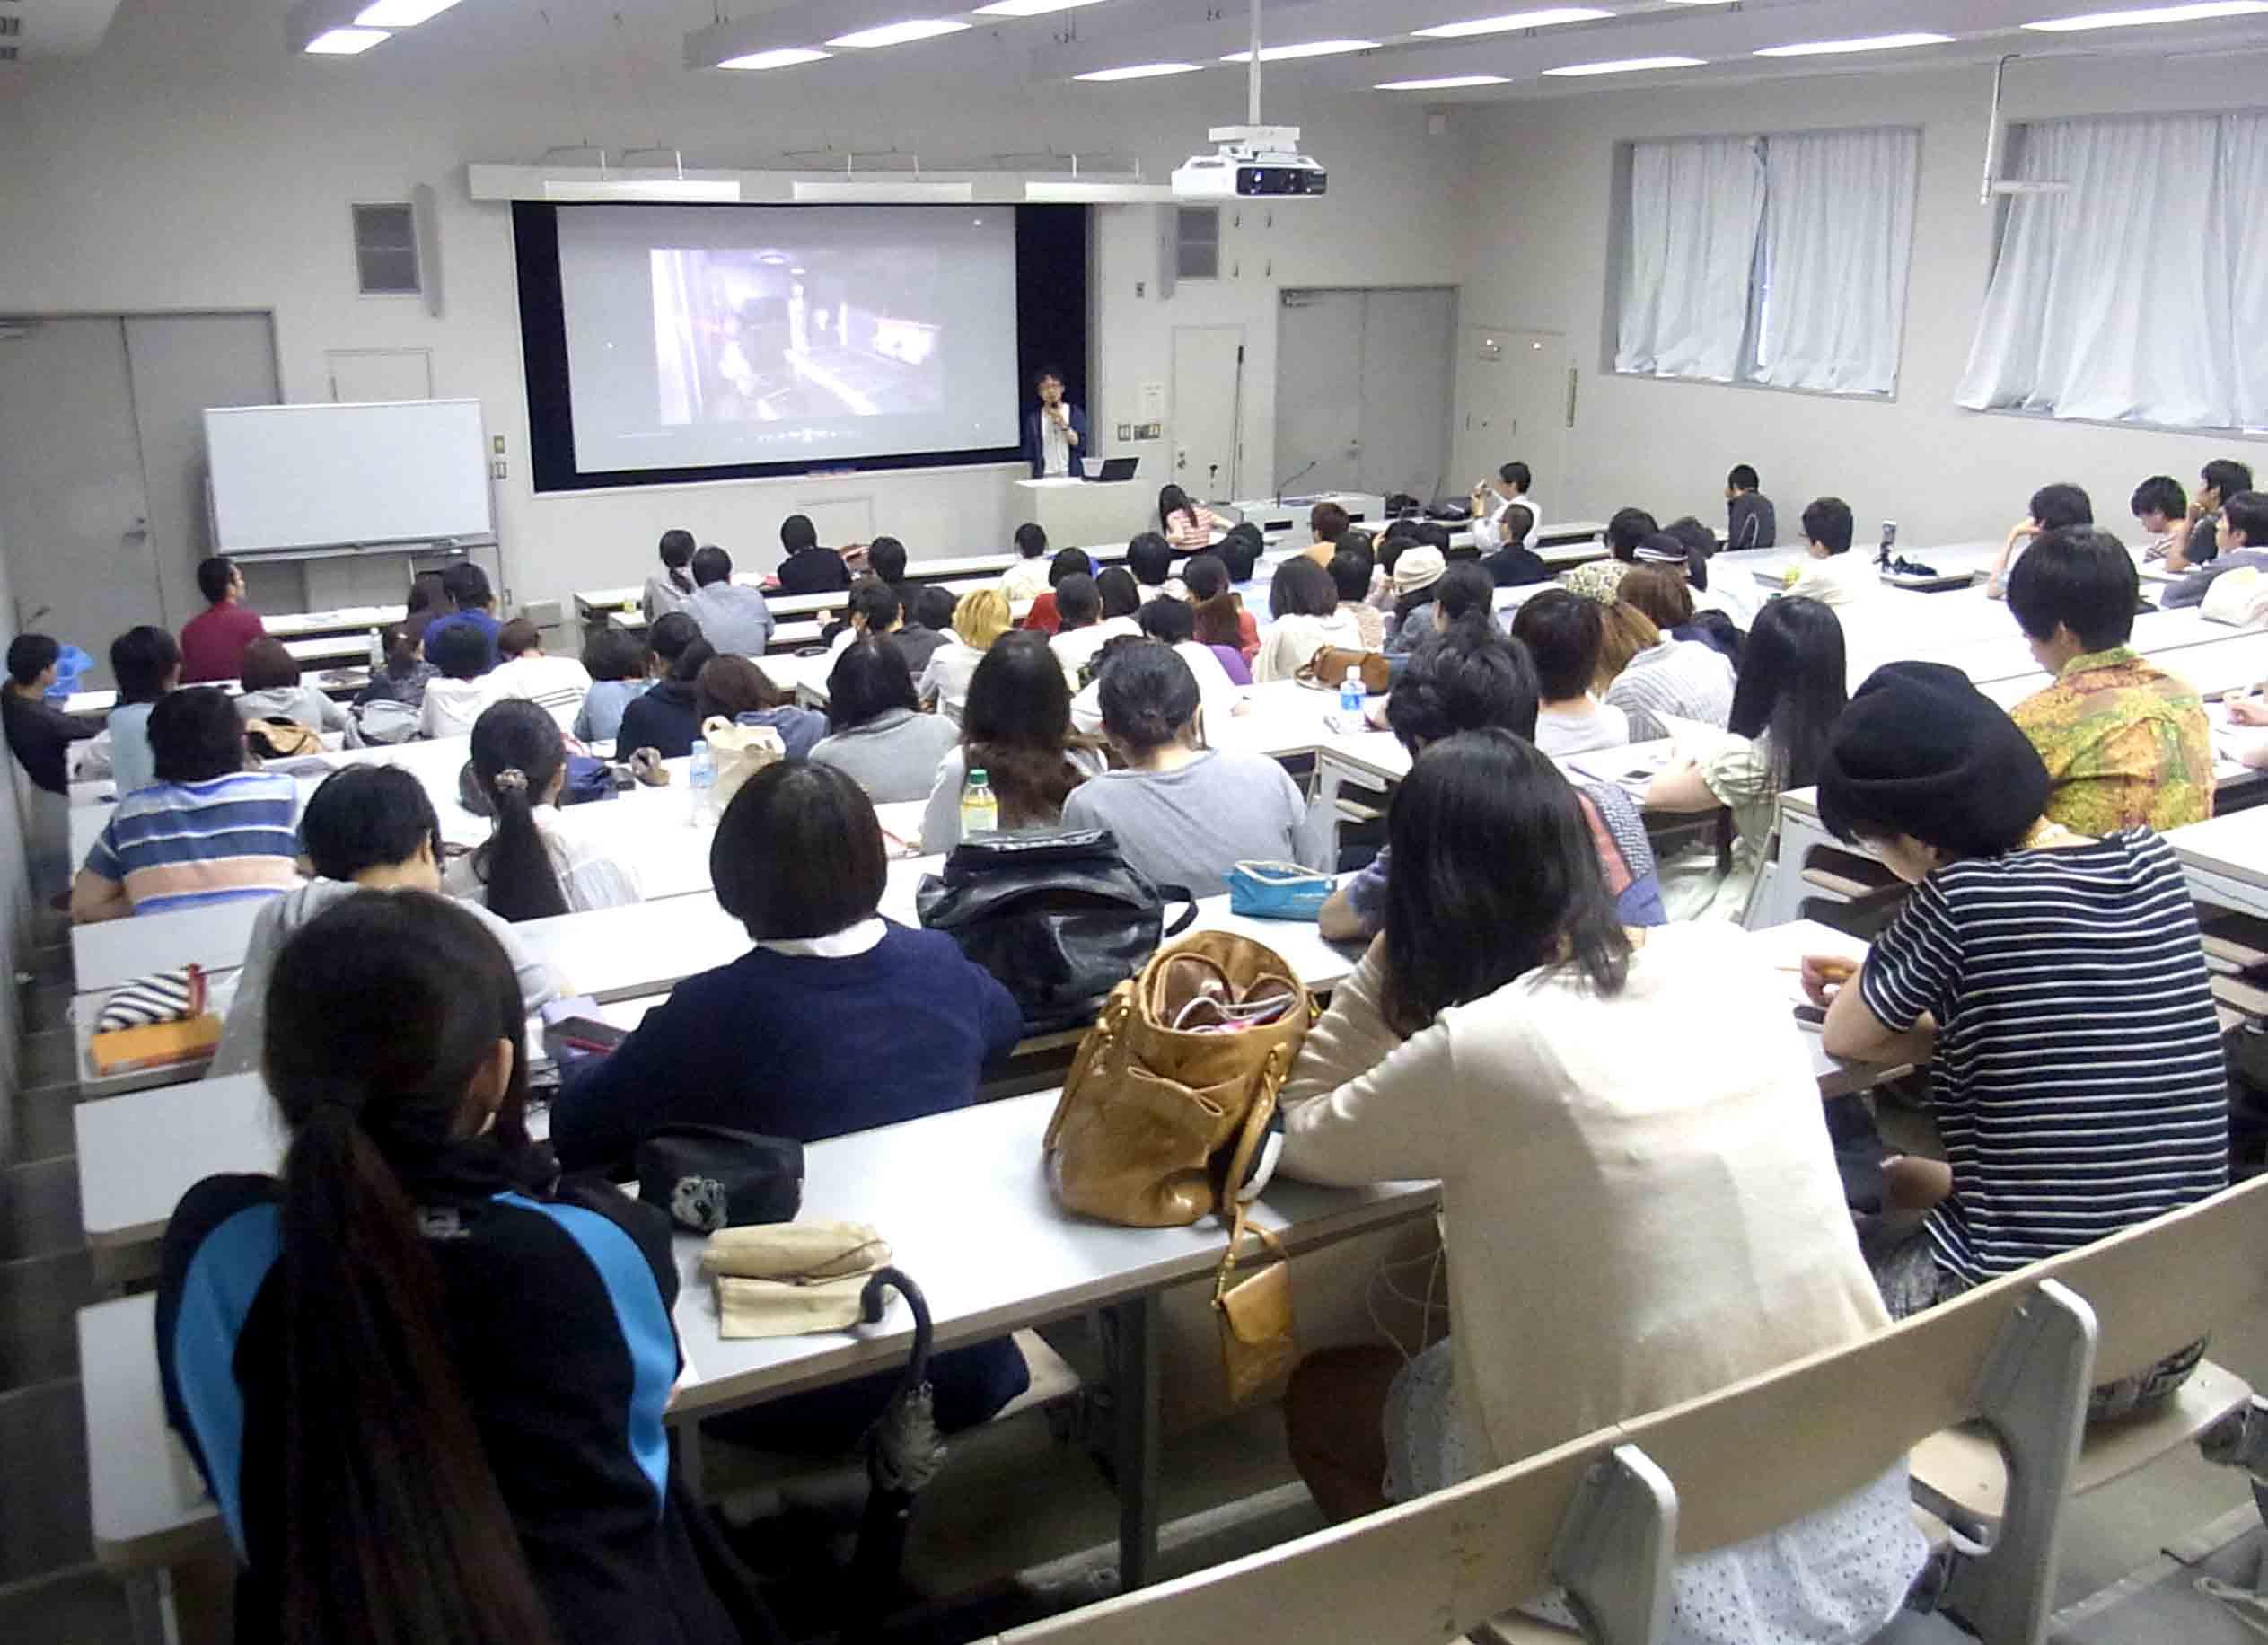 吉浦監督のスペシャル授業!